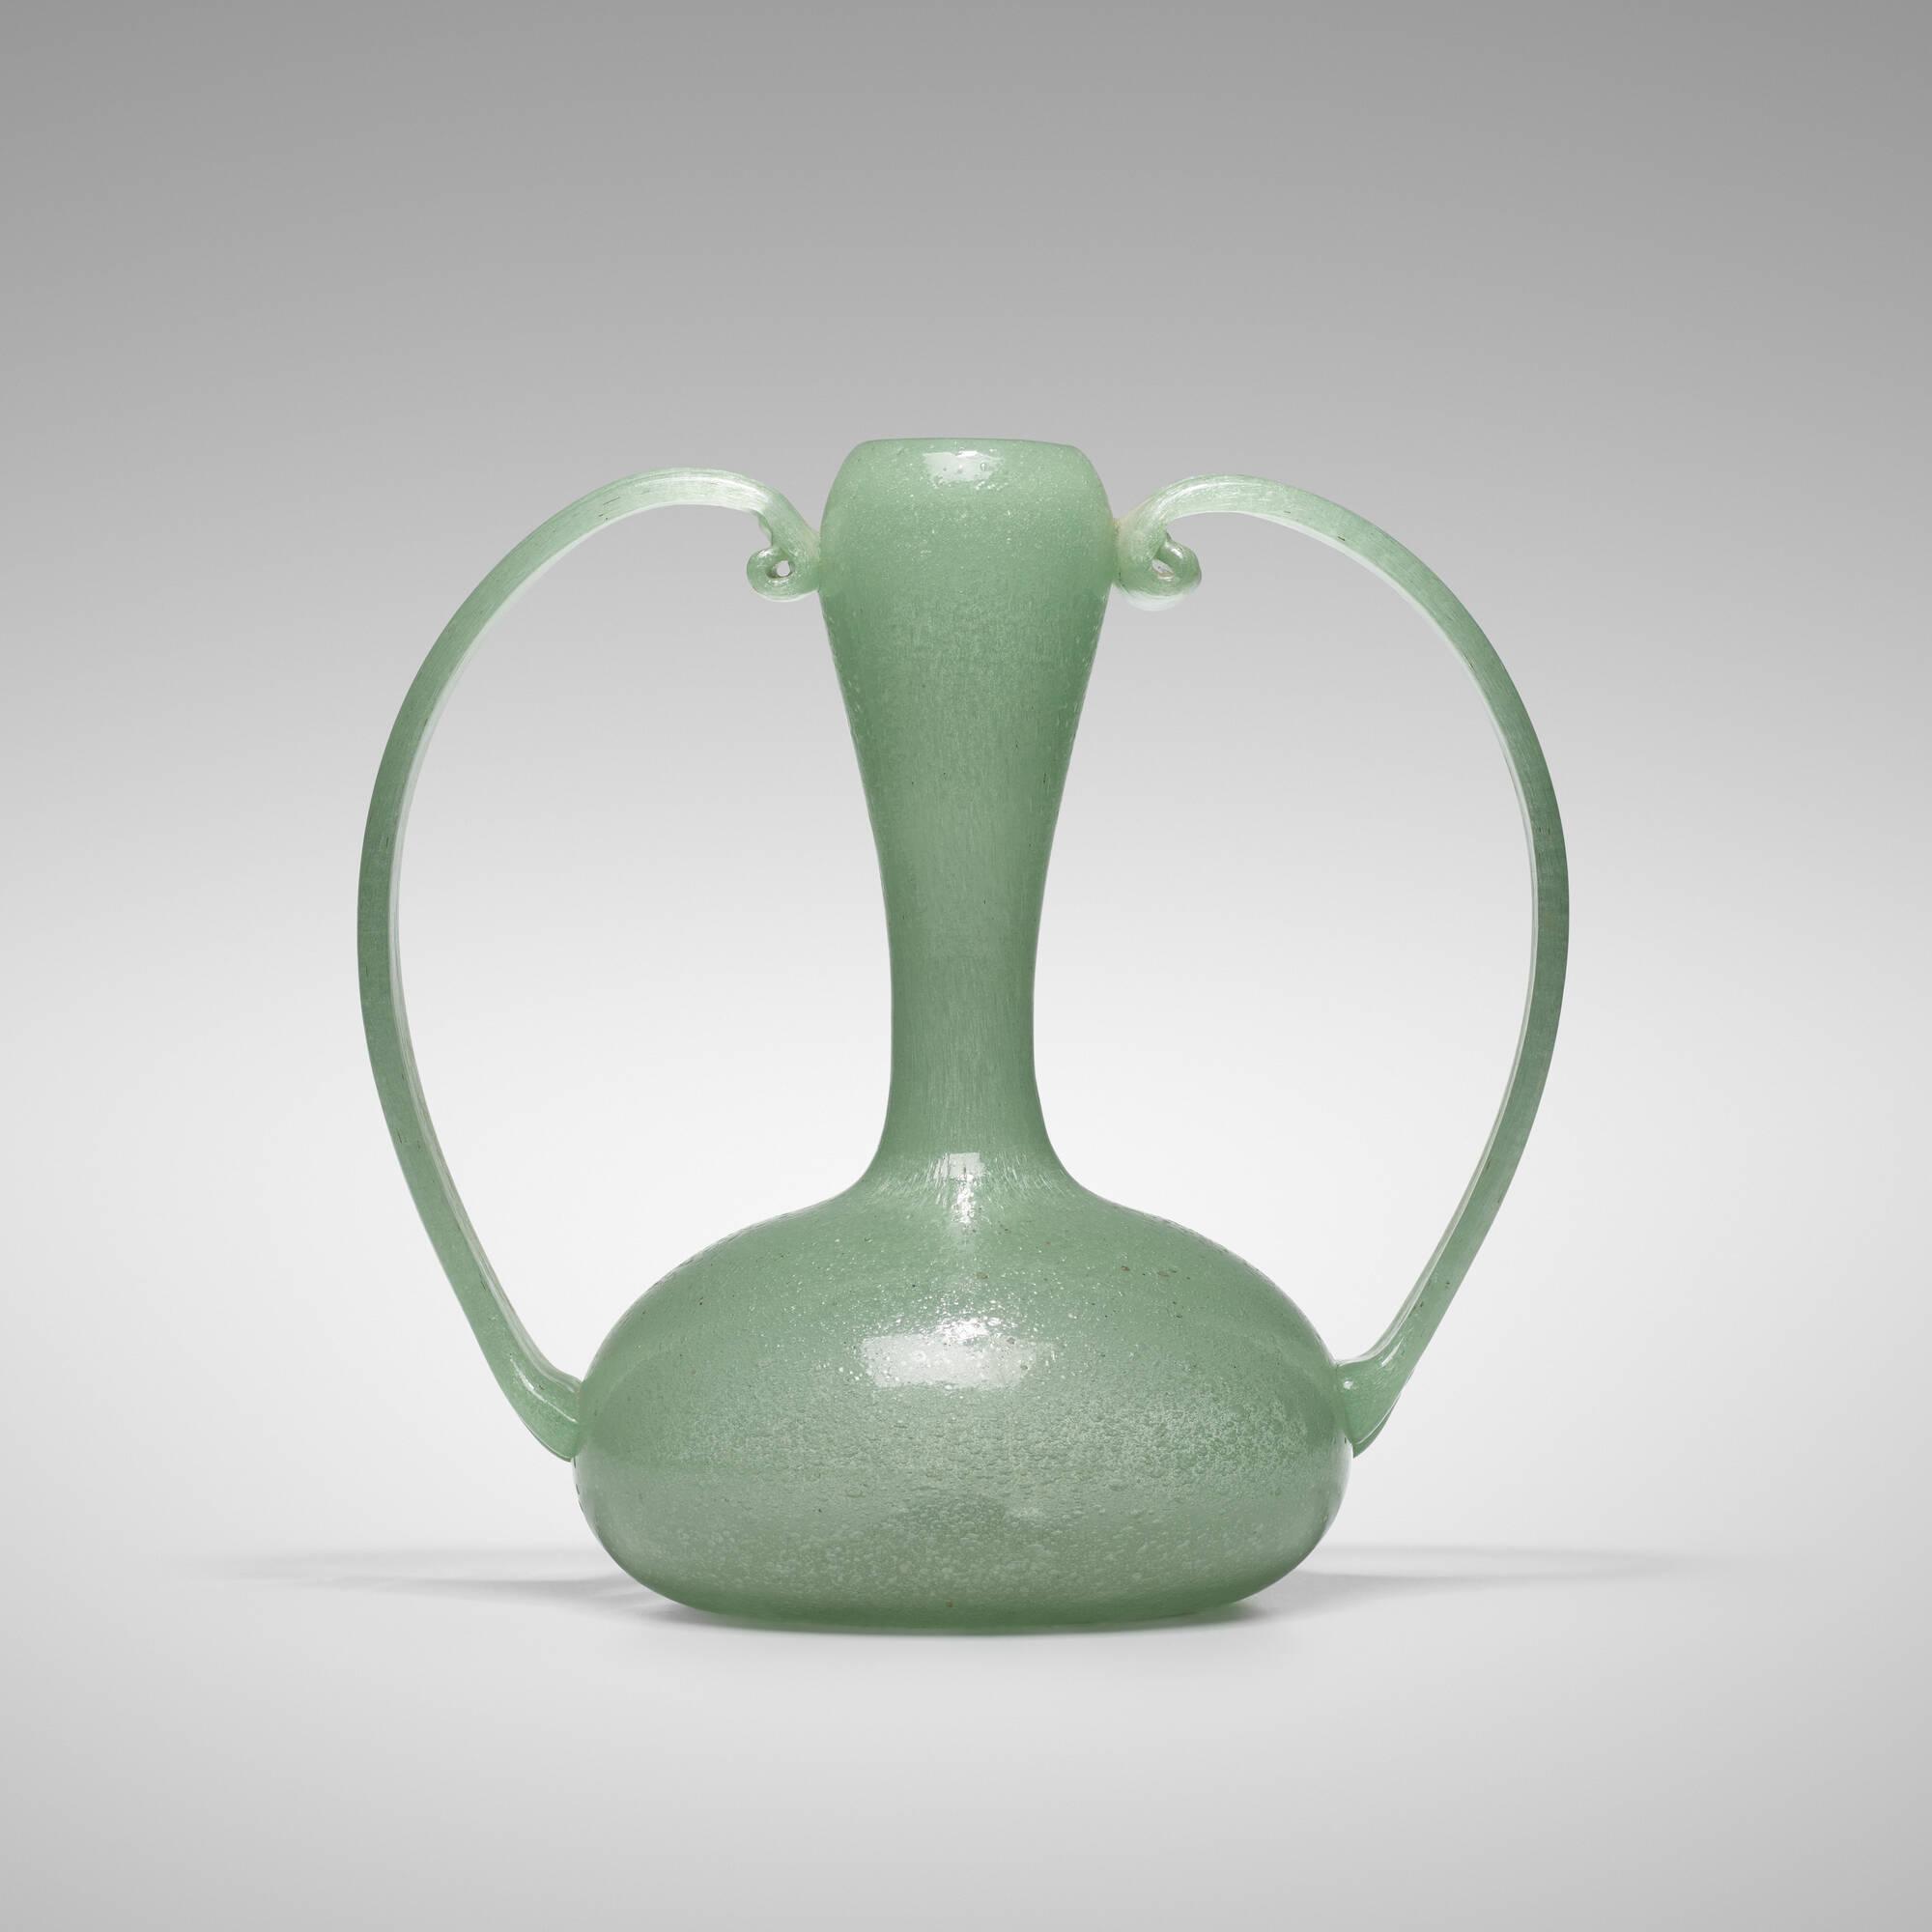 115: Barovier Seguso Ferro / Pulegoso vase, model Z100 (1 of 2)